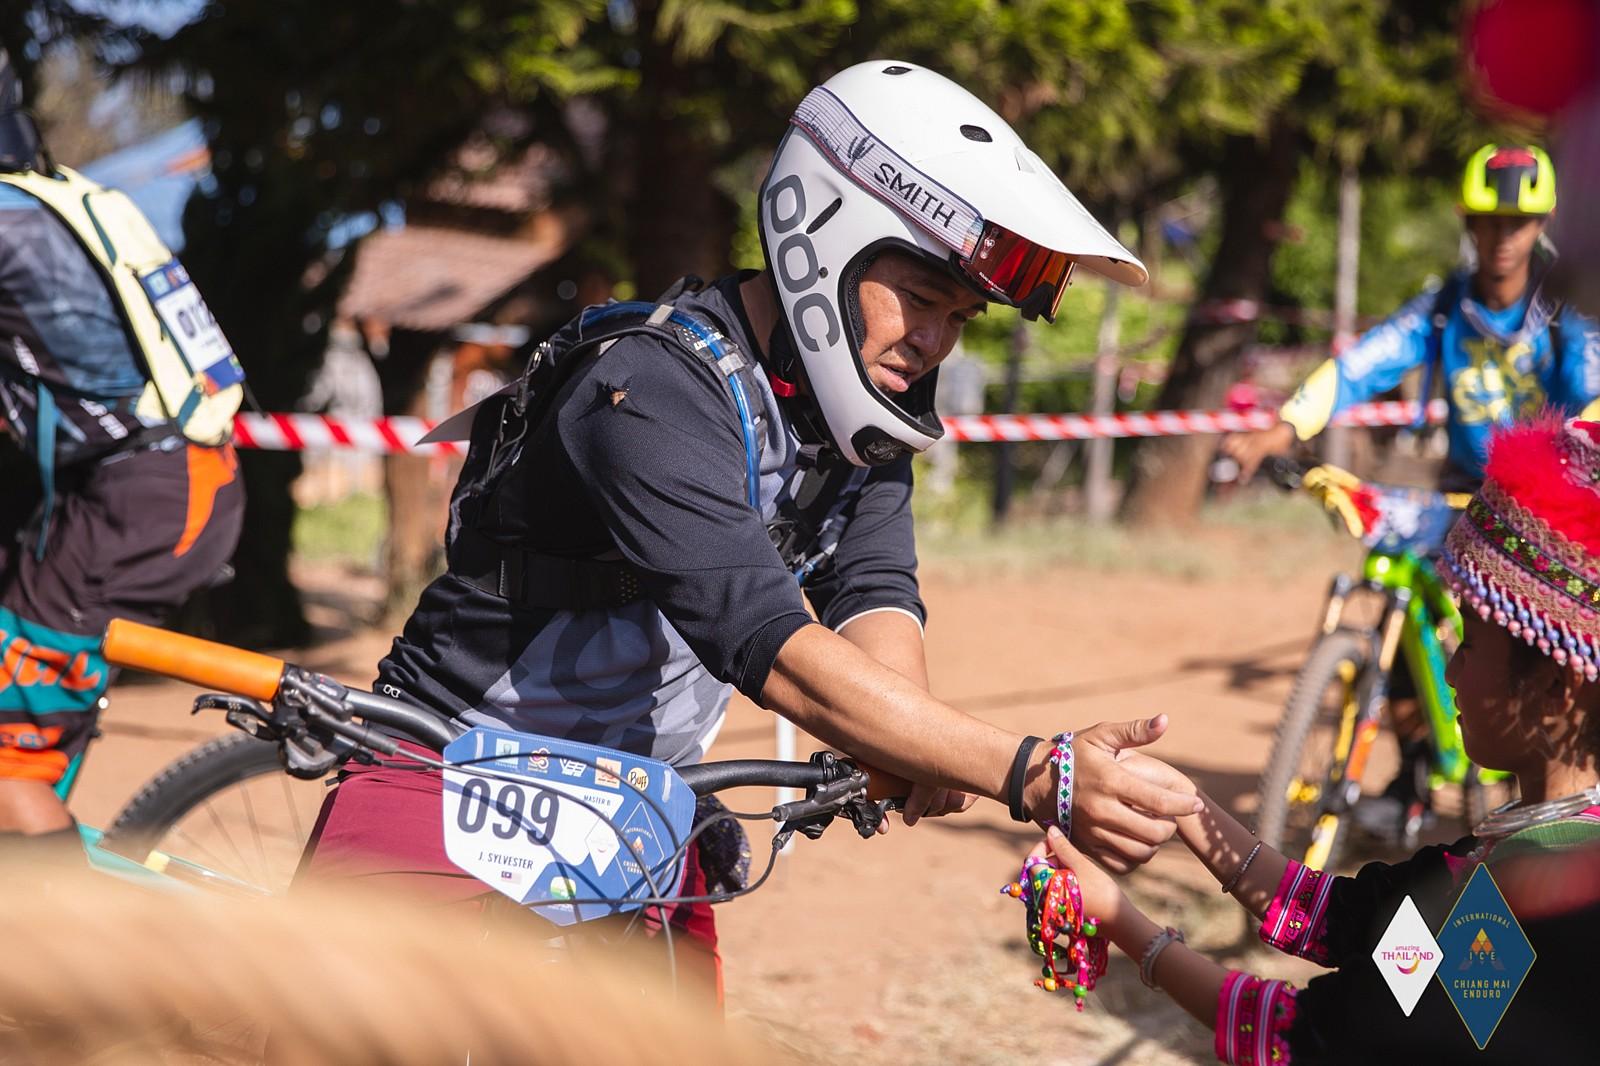 Enduro-86 - actionsportasia - Mountain Biking Pictures - Vital MTB